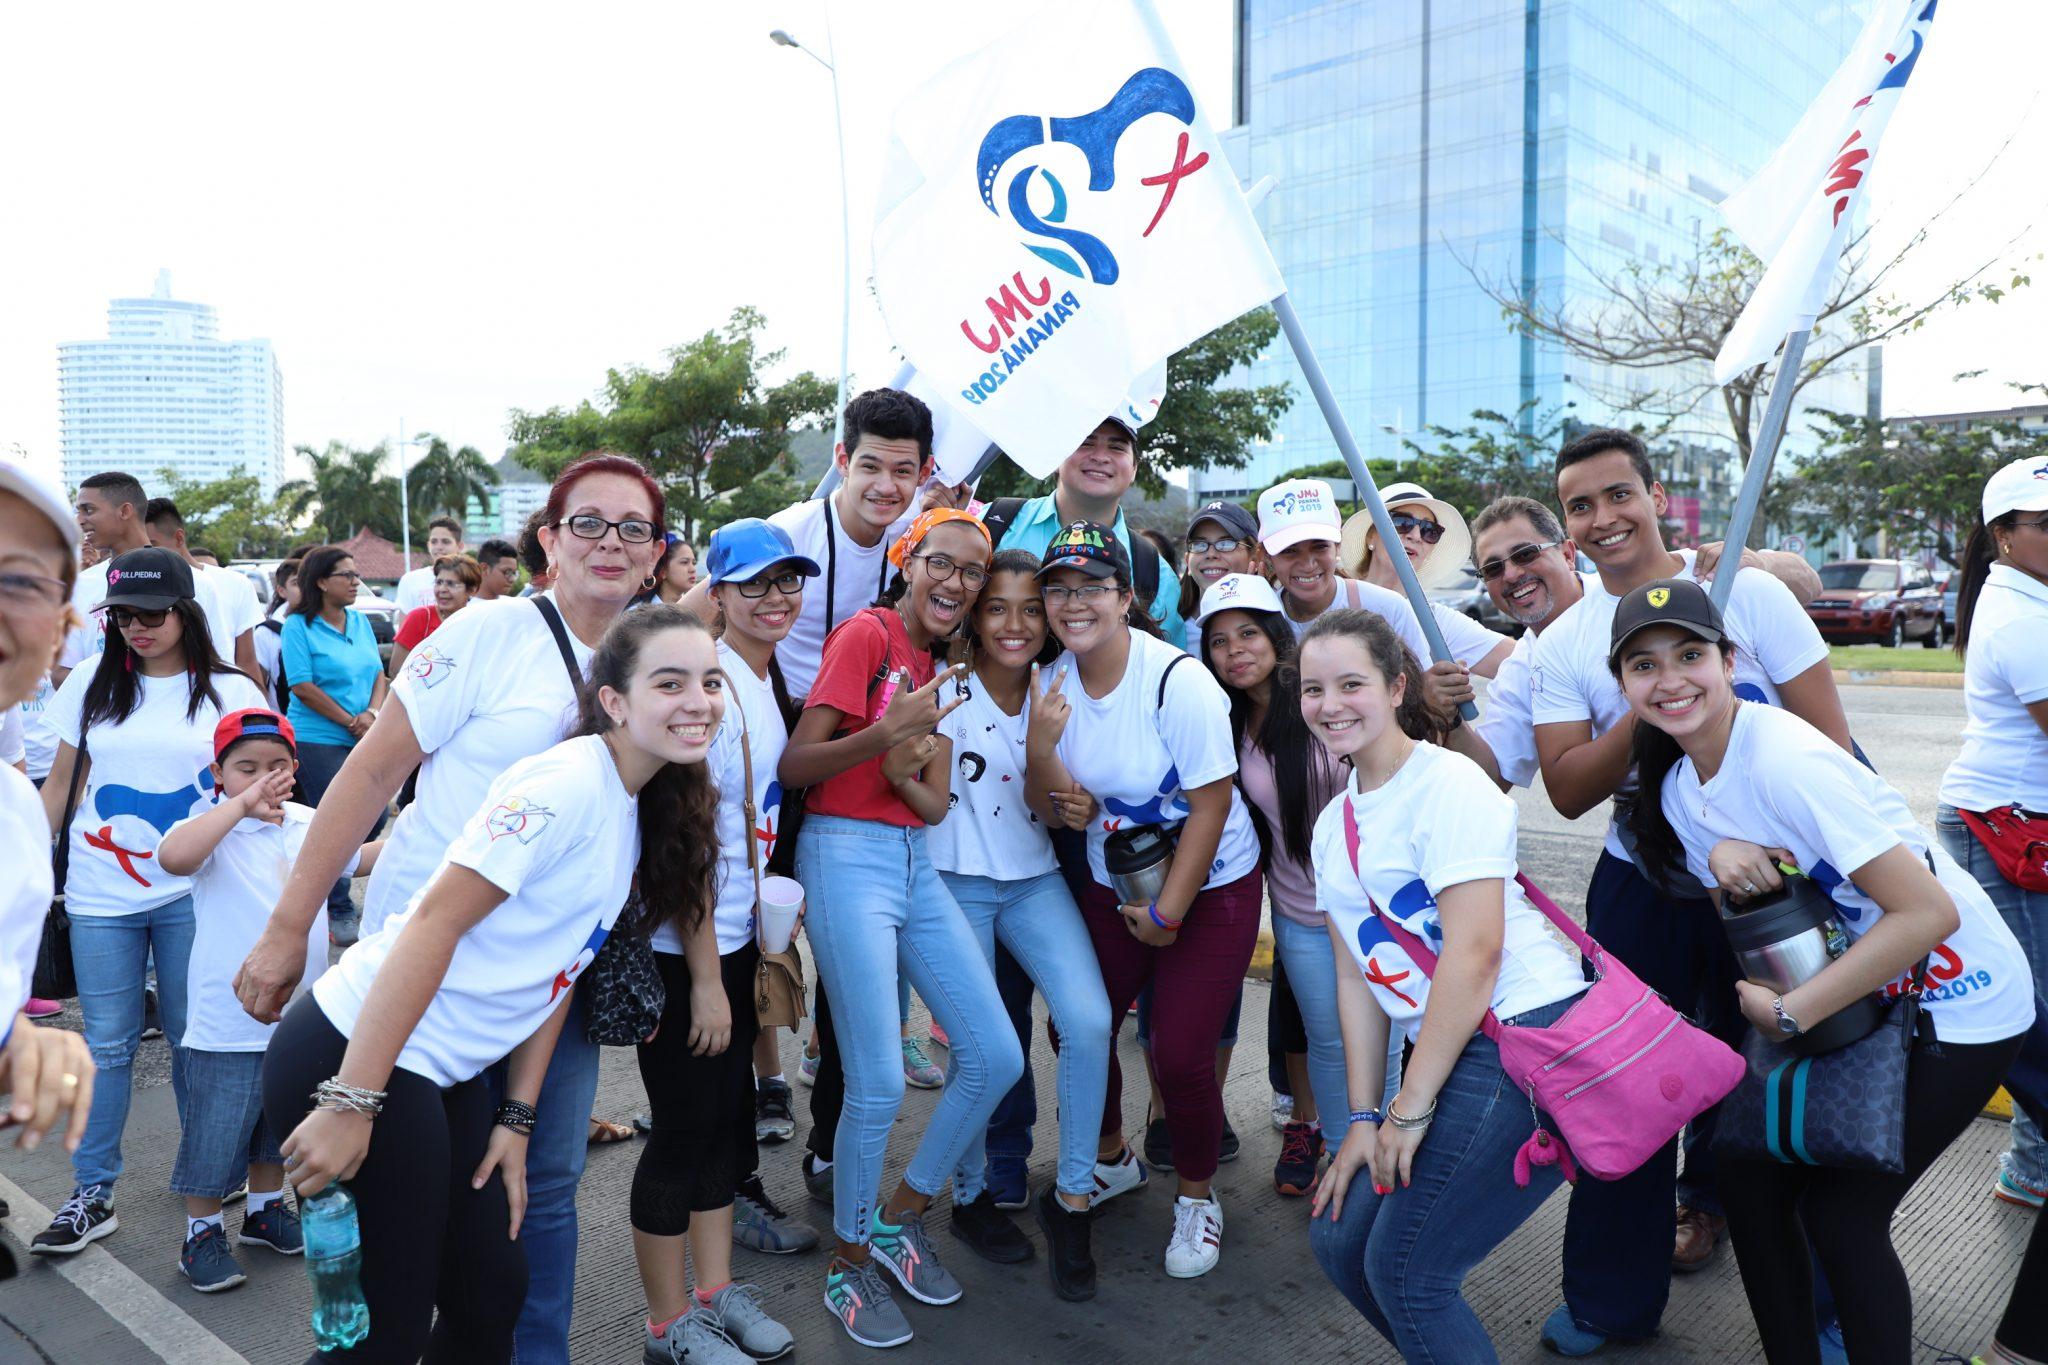 JMJ supera los 200,000 peregrinos inscritos